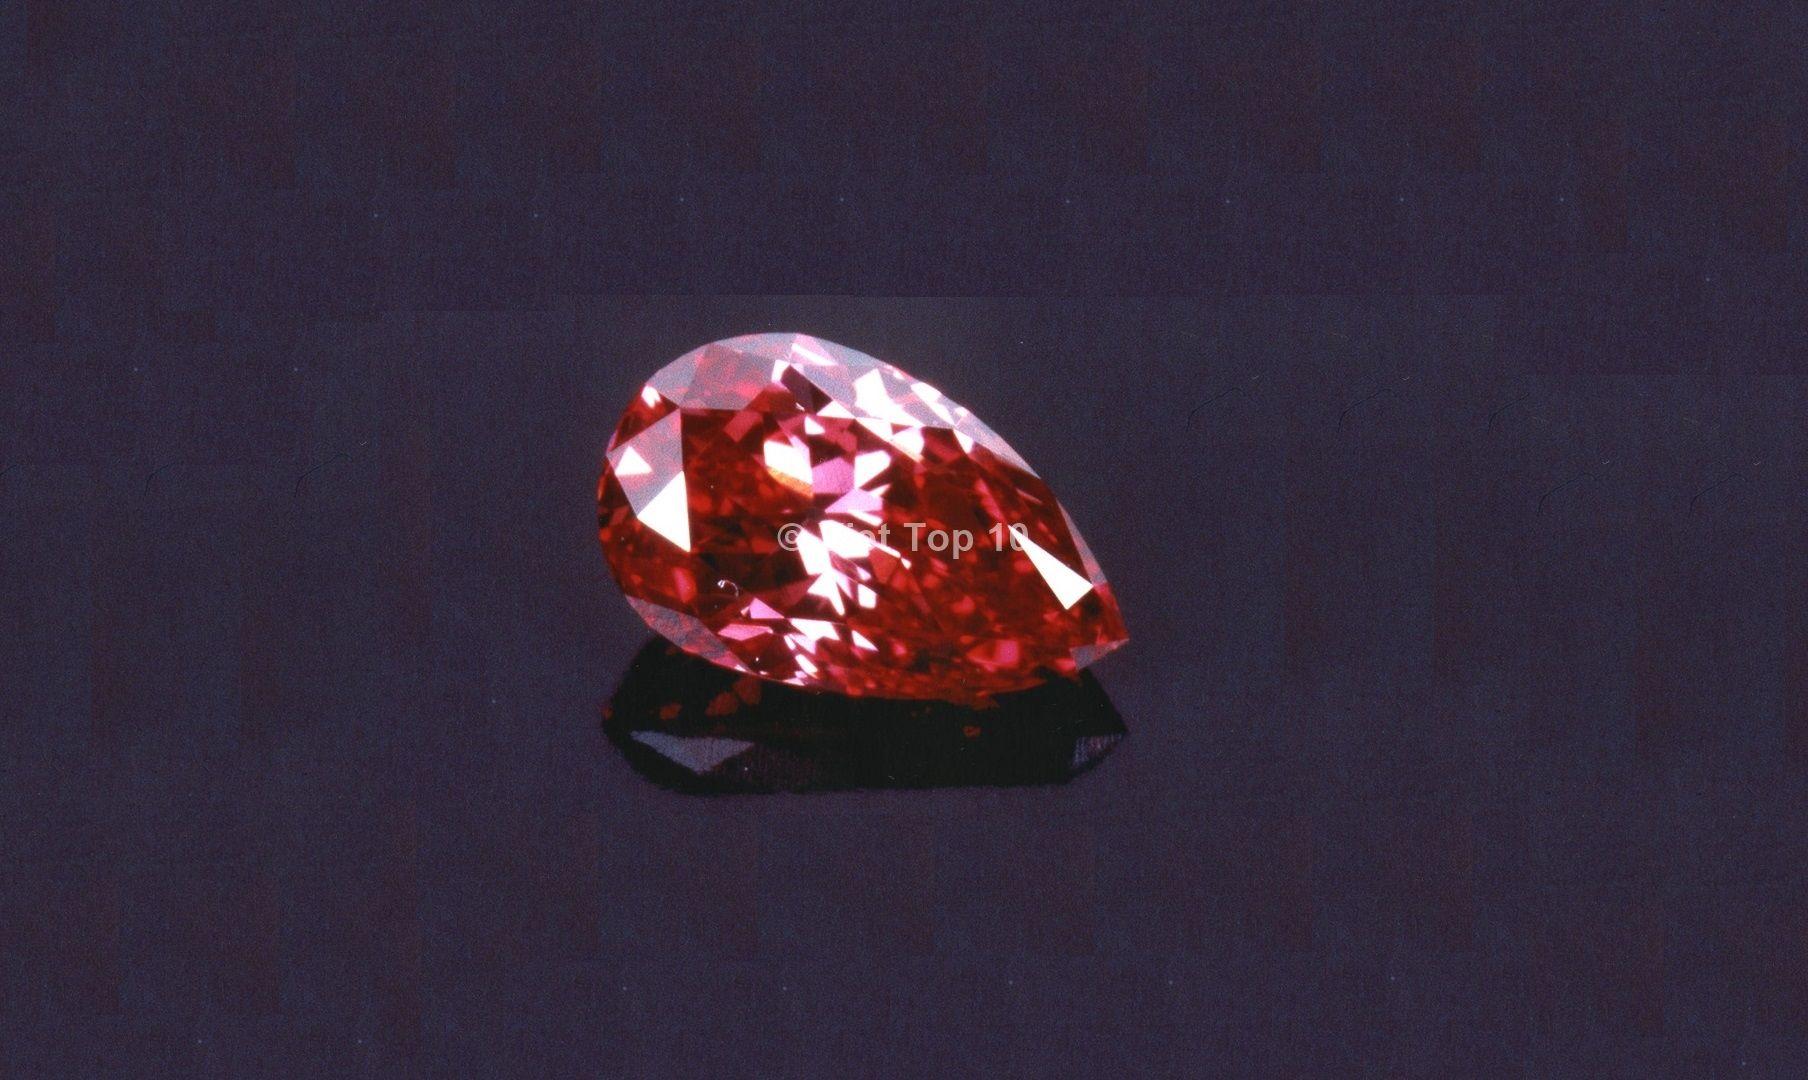 top 10 viên kim cương đắt nhất thế giới - việt top 10 - việt top 10 net - viettop10